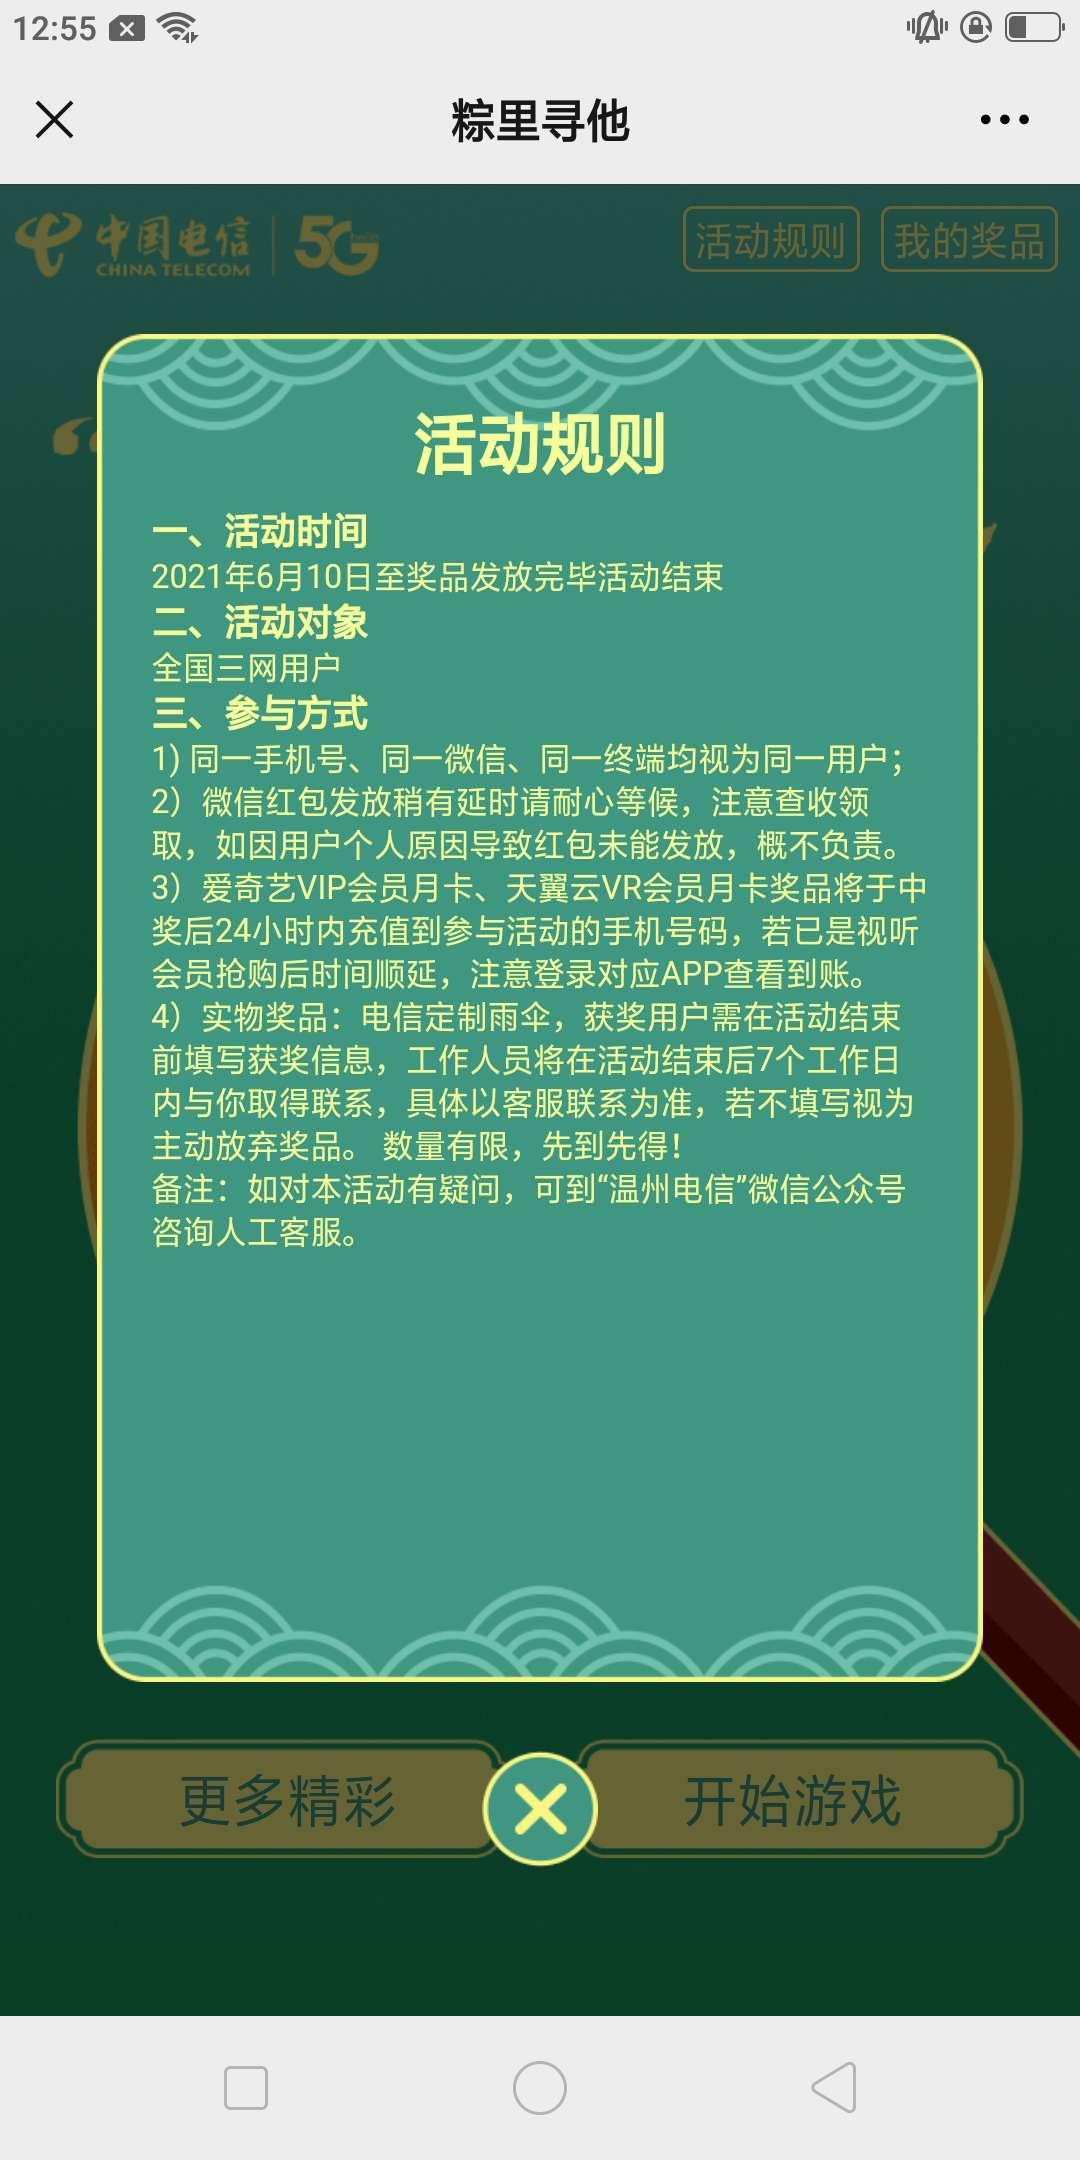 rBAAdmDC7iSAIW-sAAJow9iAt2I672.jpg插图(2)